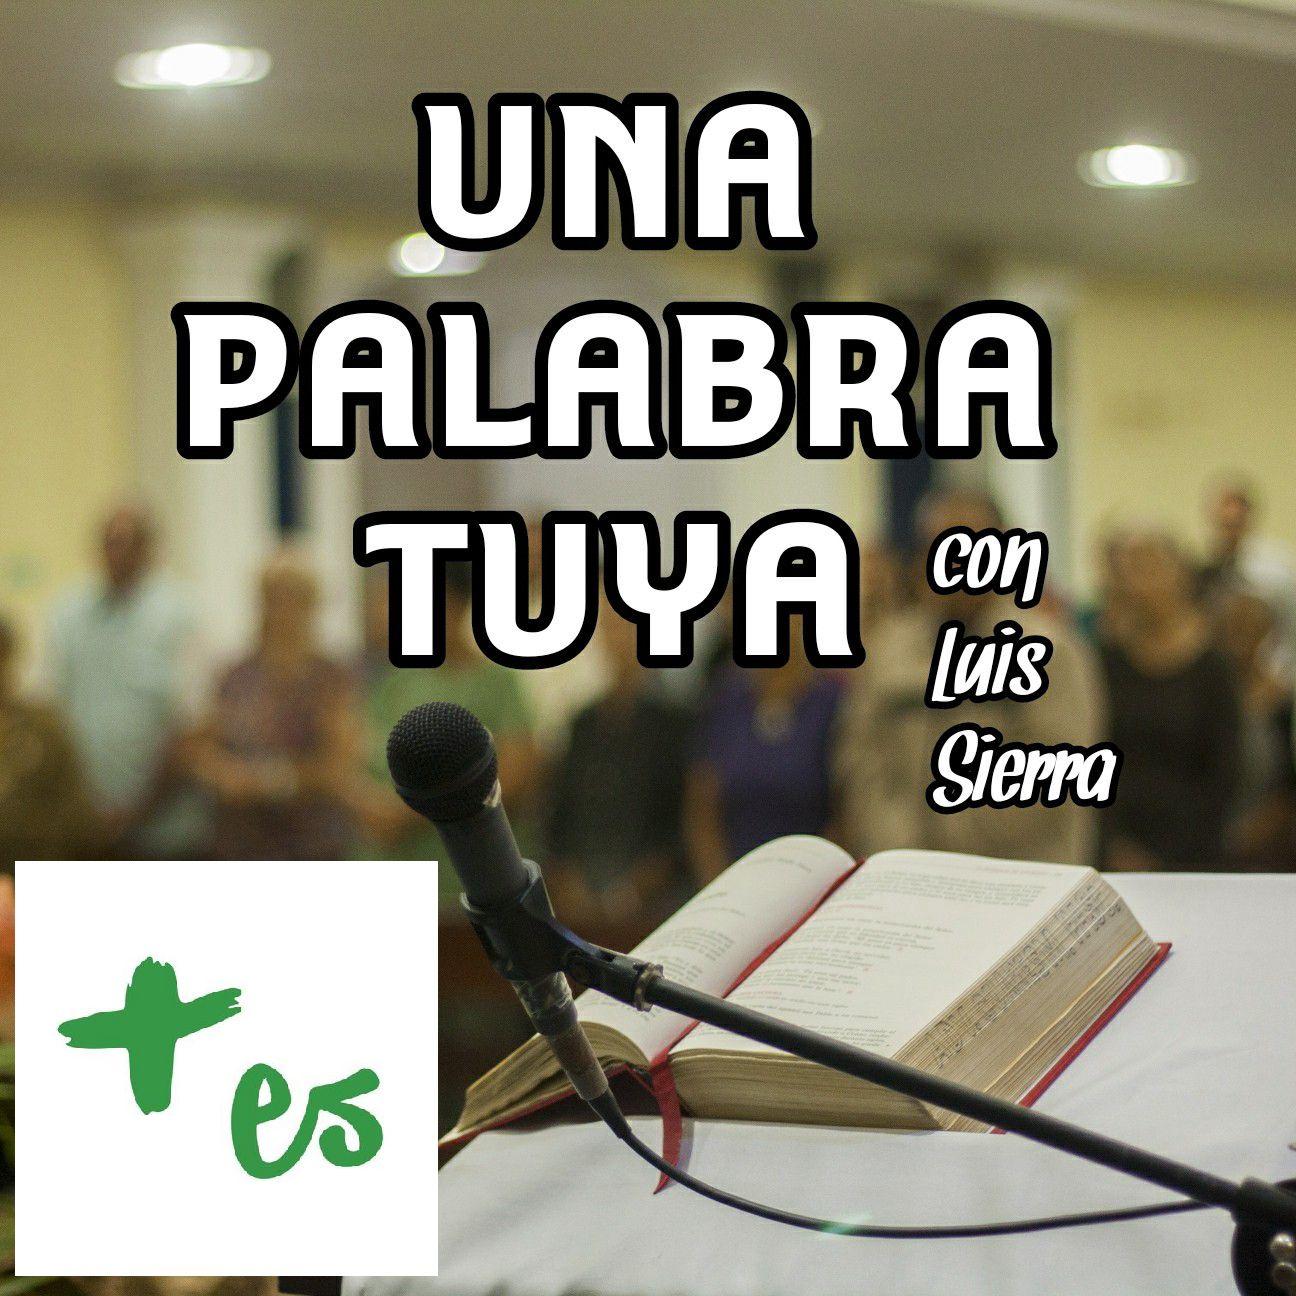 Una Palabra Tuya | 9 MAR 2019